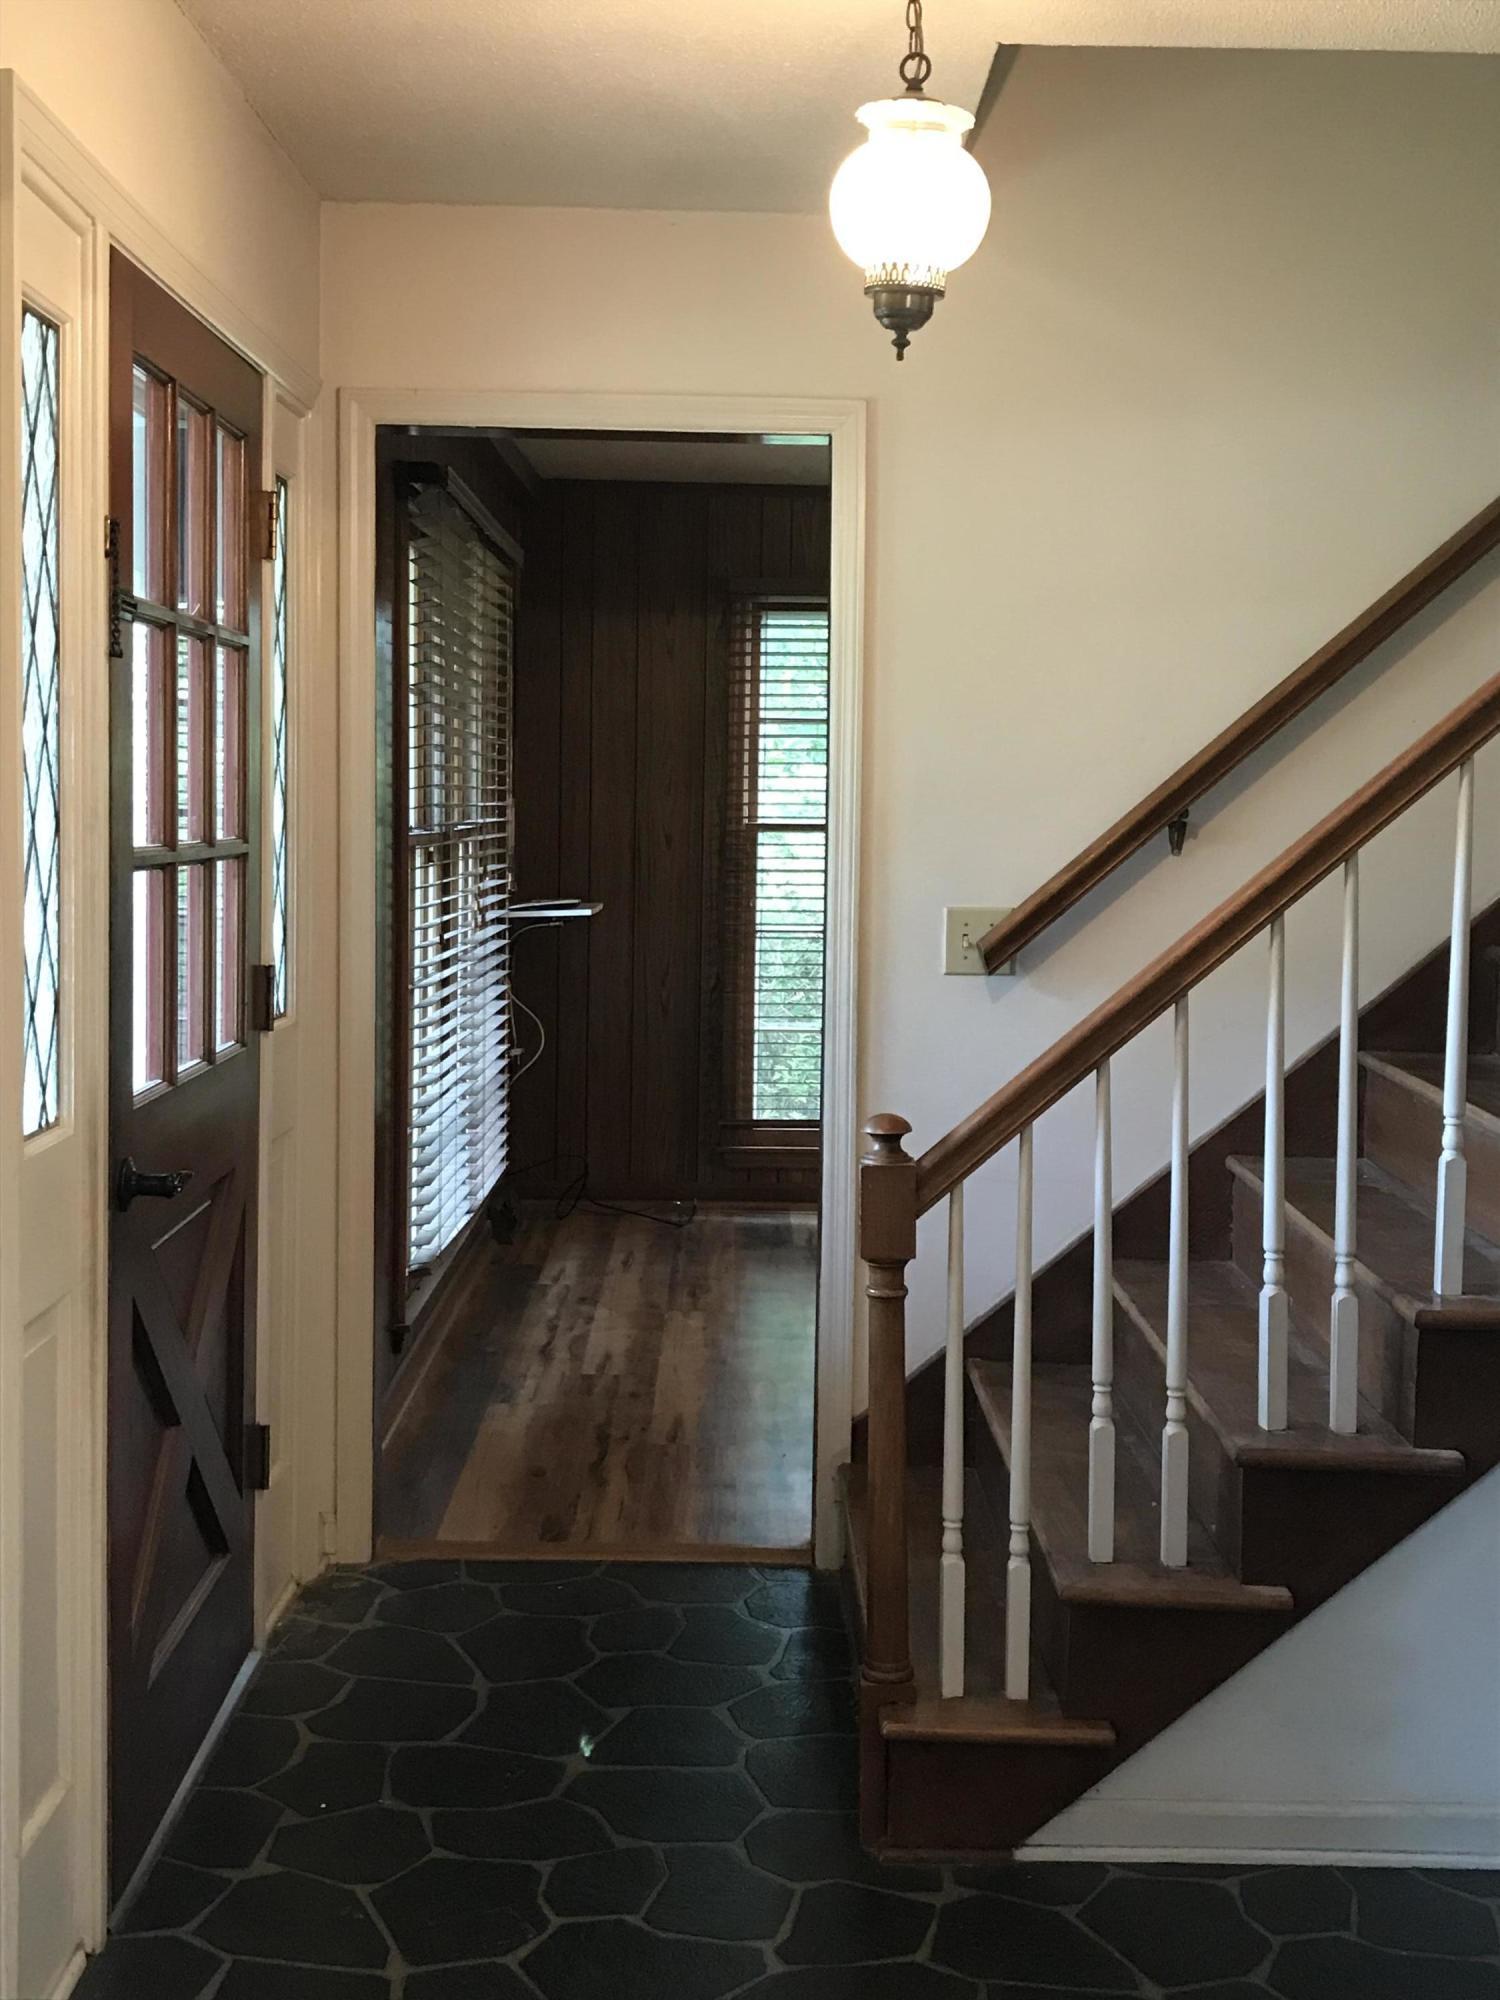 St James Estates Homes For Sale - 103 Westminster, Goose Creek, SC - 32